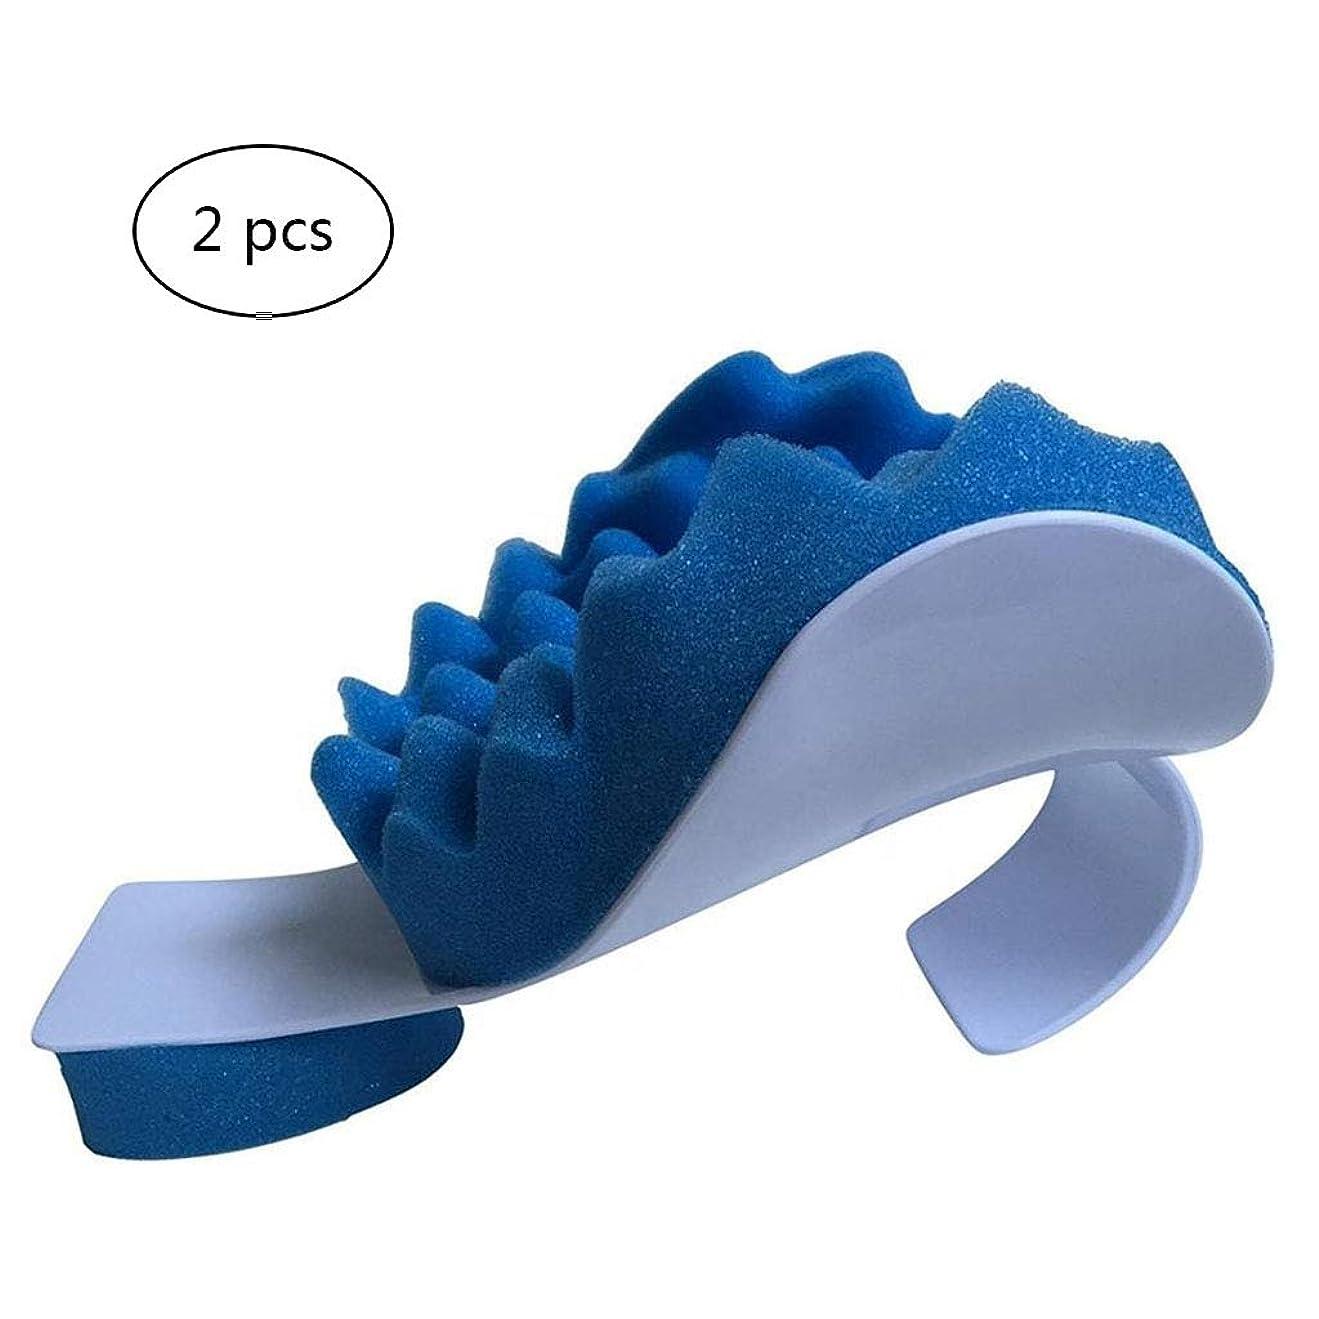 時期尚早月曜確認してくださいマッサージ牽引枕、カイロプラクティック枕、首と肩のリラクサー頸部枕首の鎮痛管理と頸椎アライメントのための牽引装置